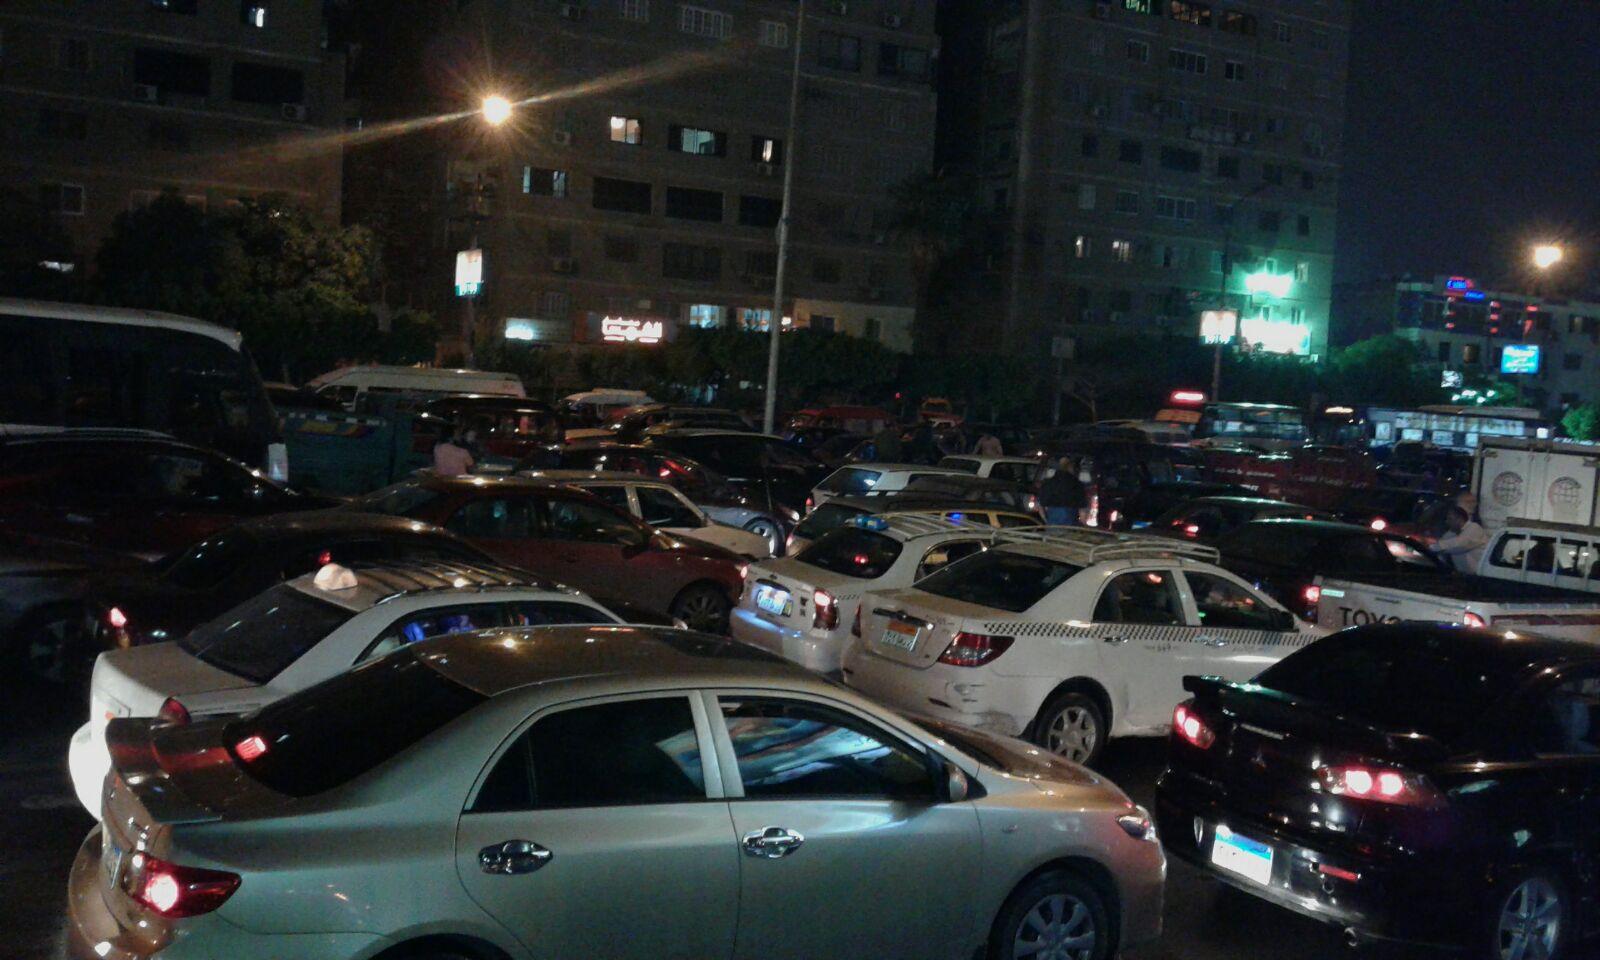 مصر ركنت في صلاح سالم.. والمرور متوقف تمامًا